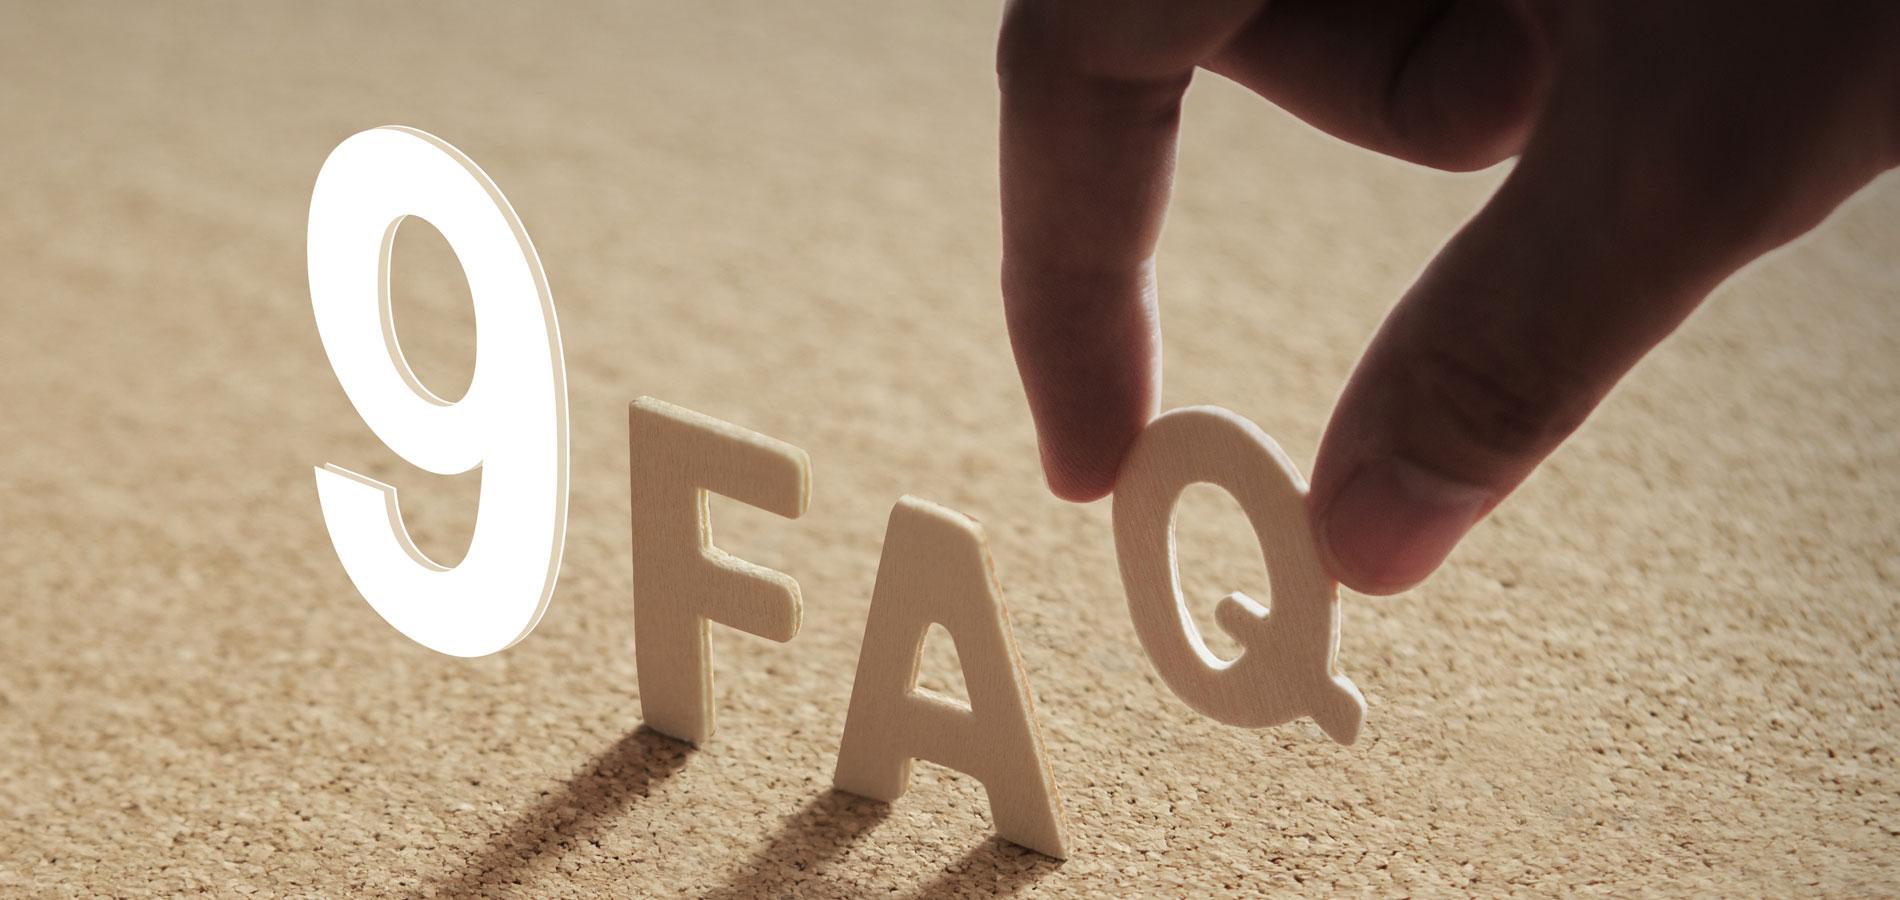 9quick-FAQ.jpg